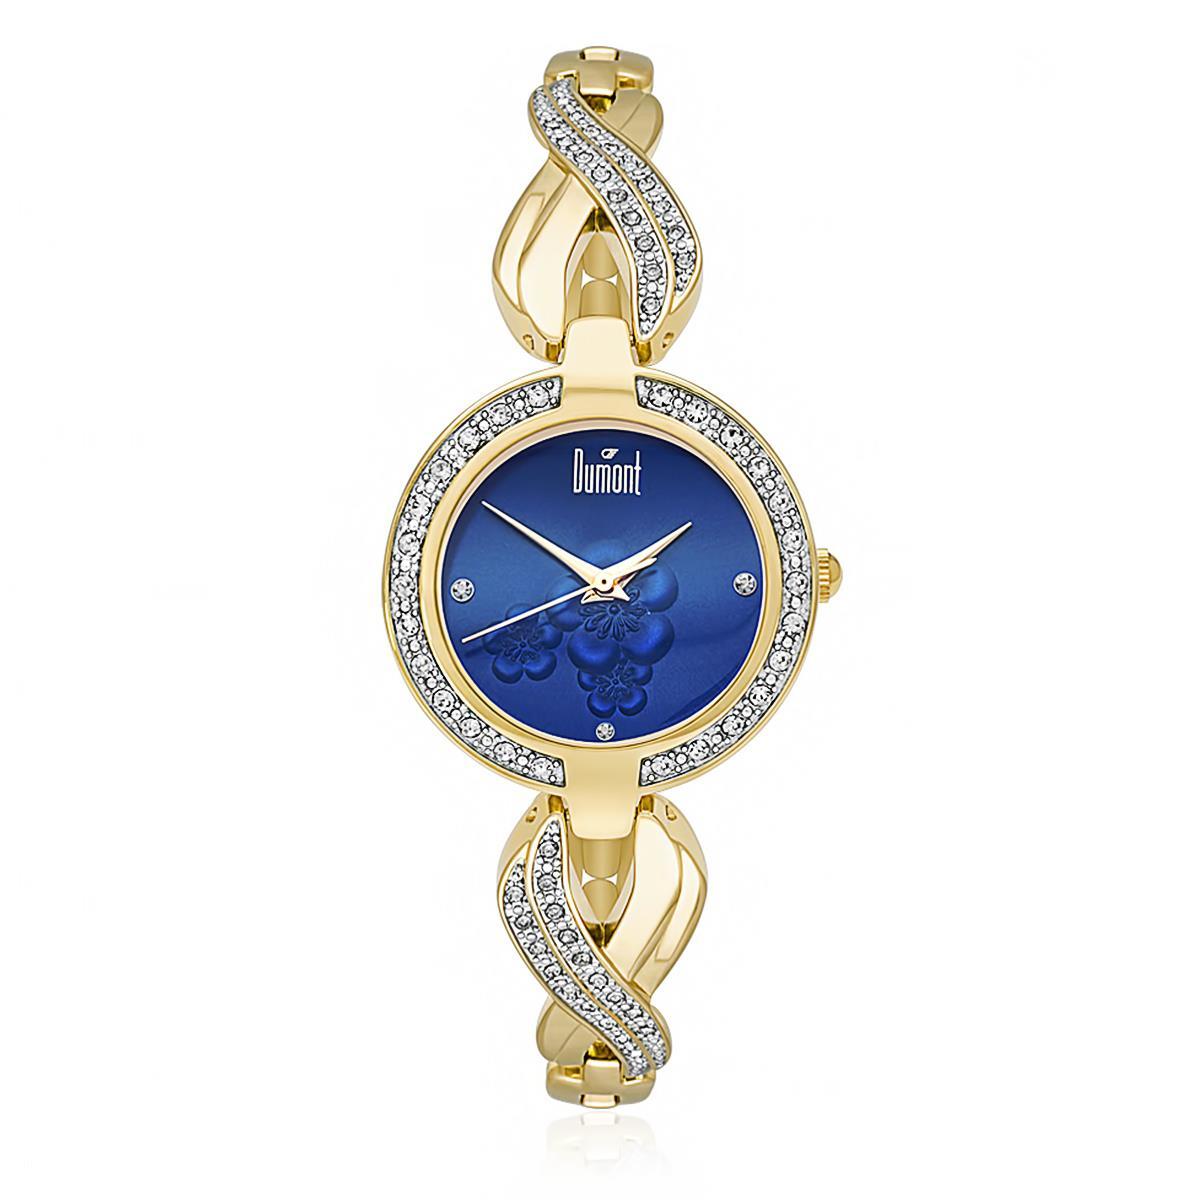 Relógio Feminino Dumont Analógico DU2035LQM 4D Dourado com fundo Azul 98c35db962